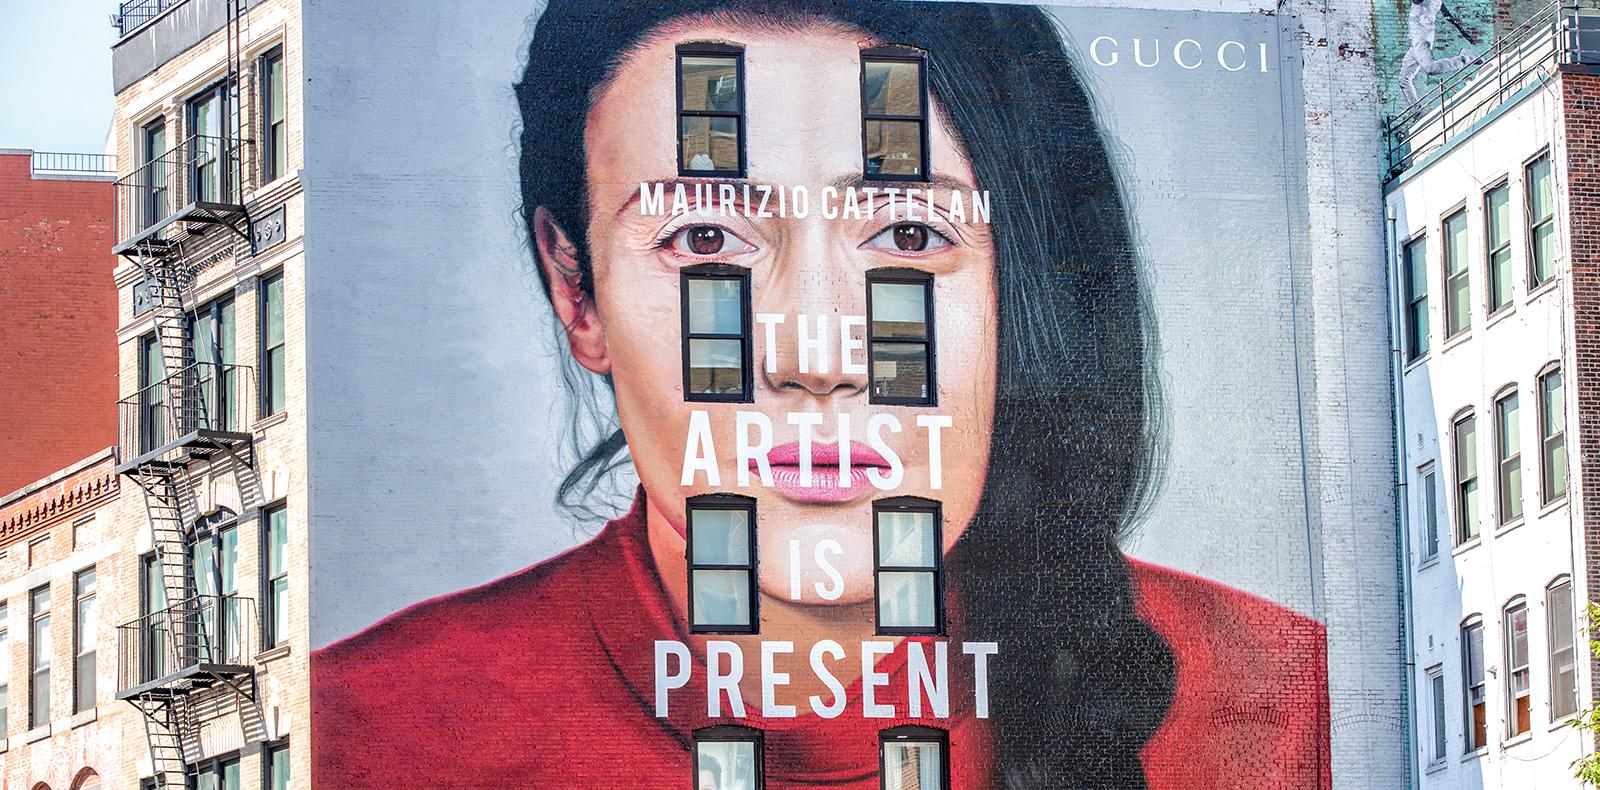 L'Art wall de Gucci à New York.